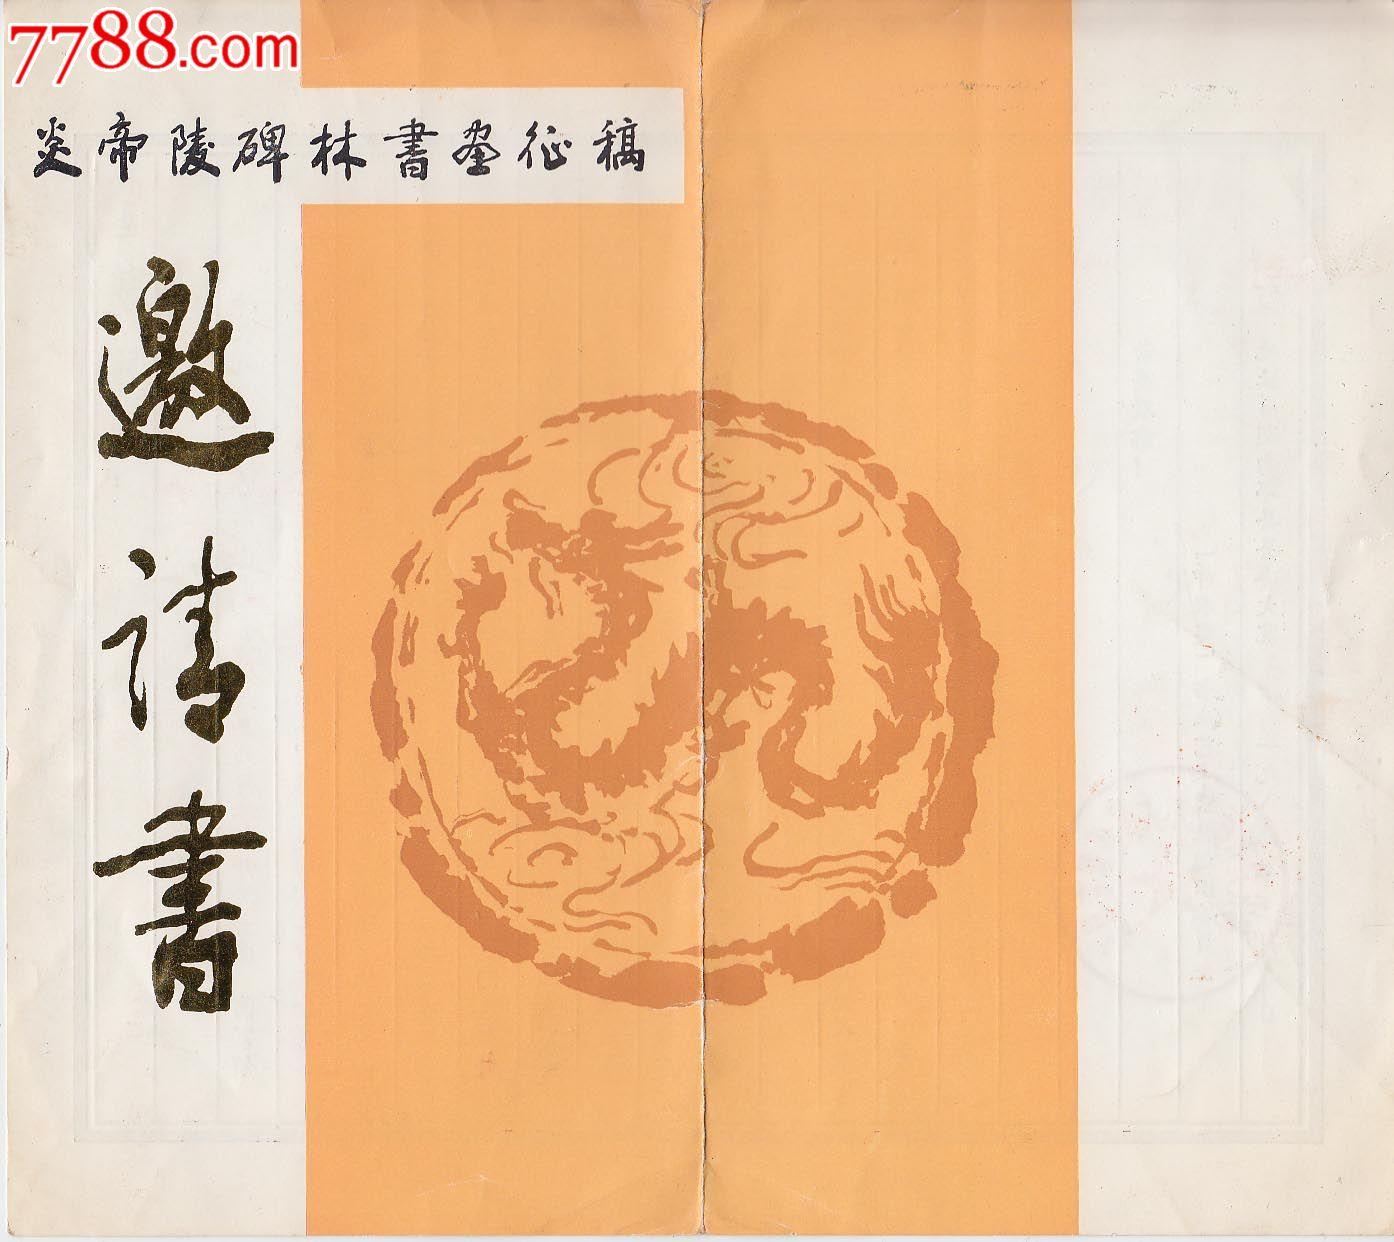 炎帝陵碑林书画征稿——邀请书图片